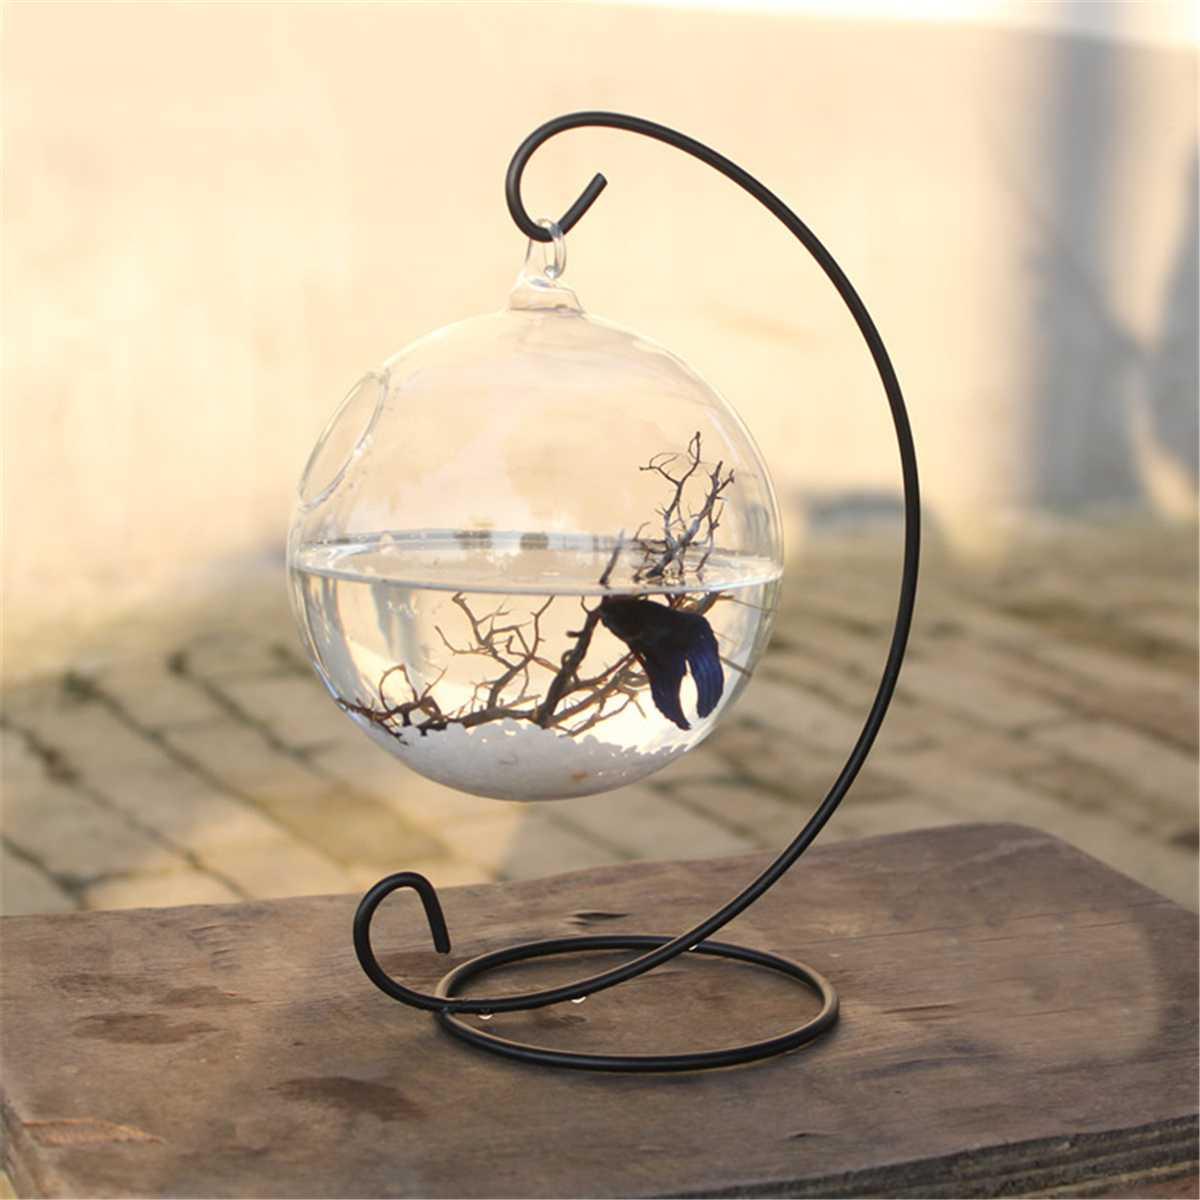 3 taille bureau suspendu verre Aquarium Mini herbe Fun Aquarium clair poisson cylindre bol fer support support Aquarium accessoires